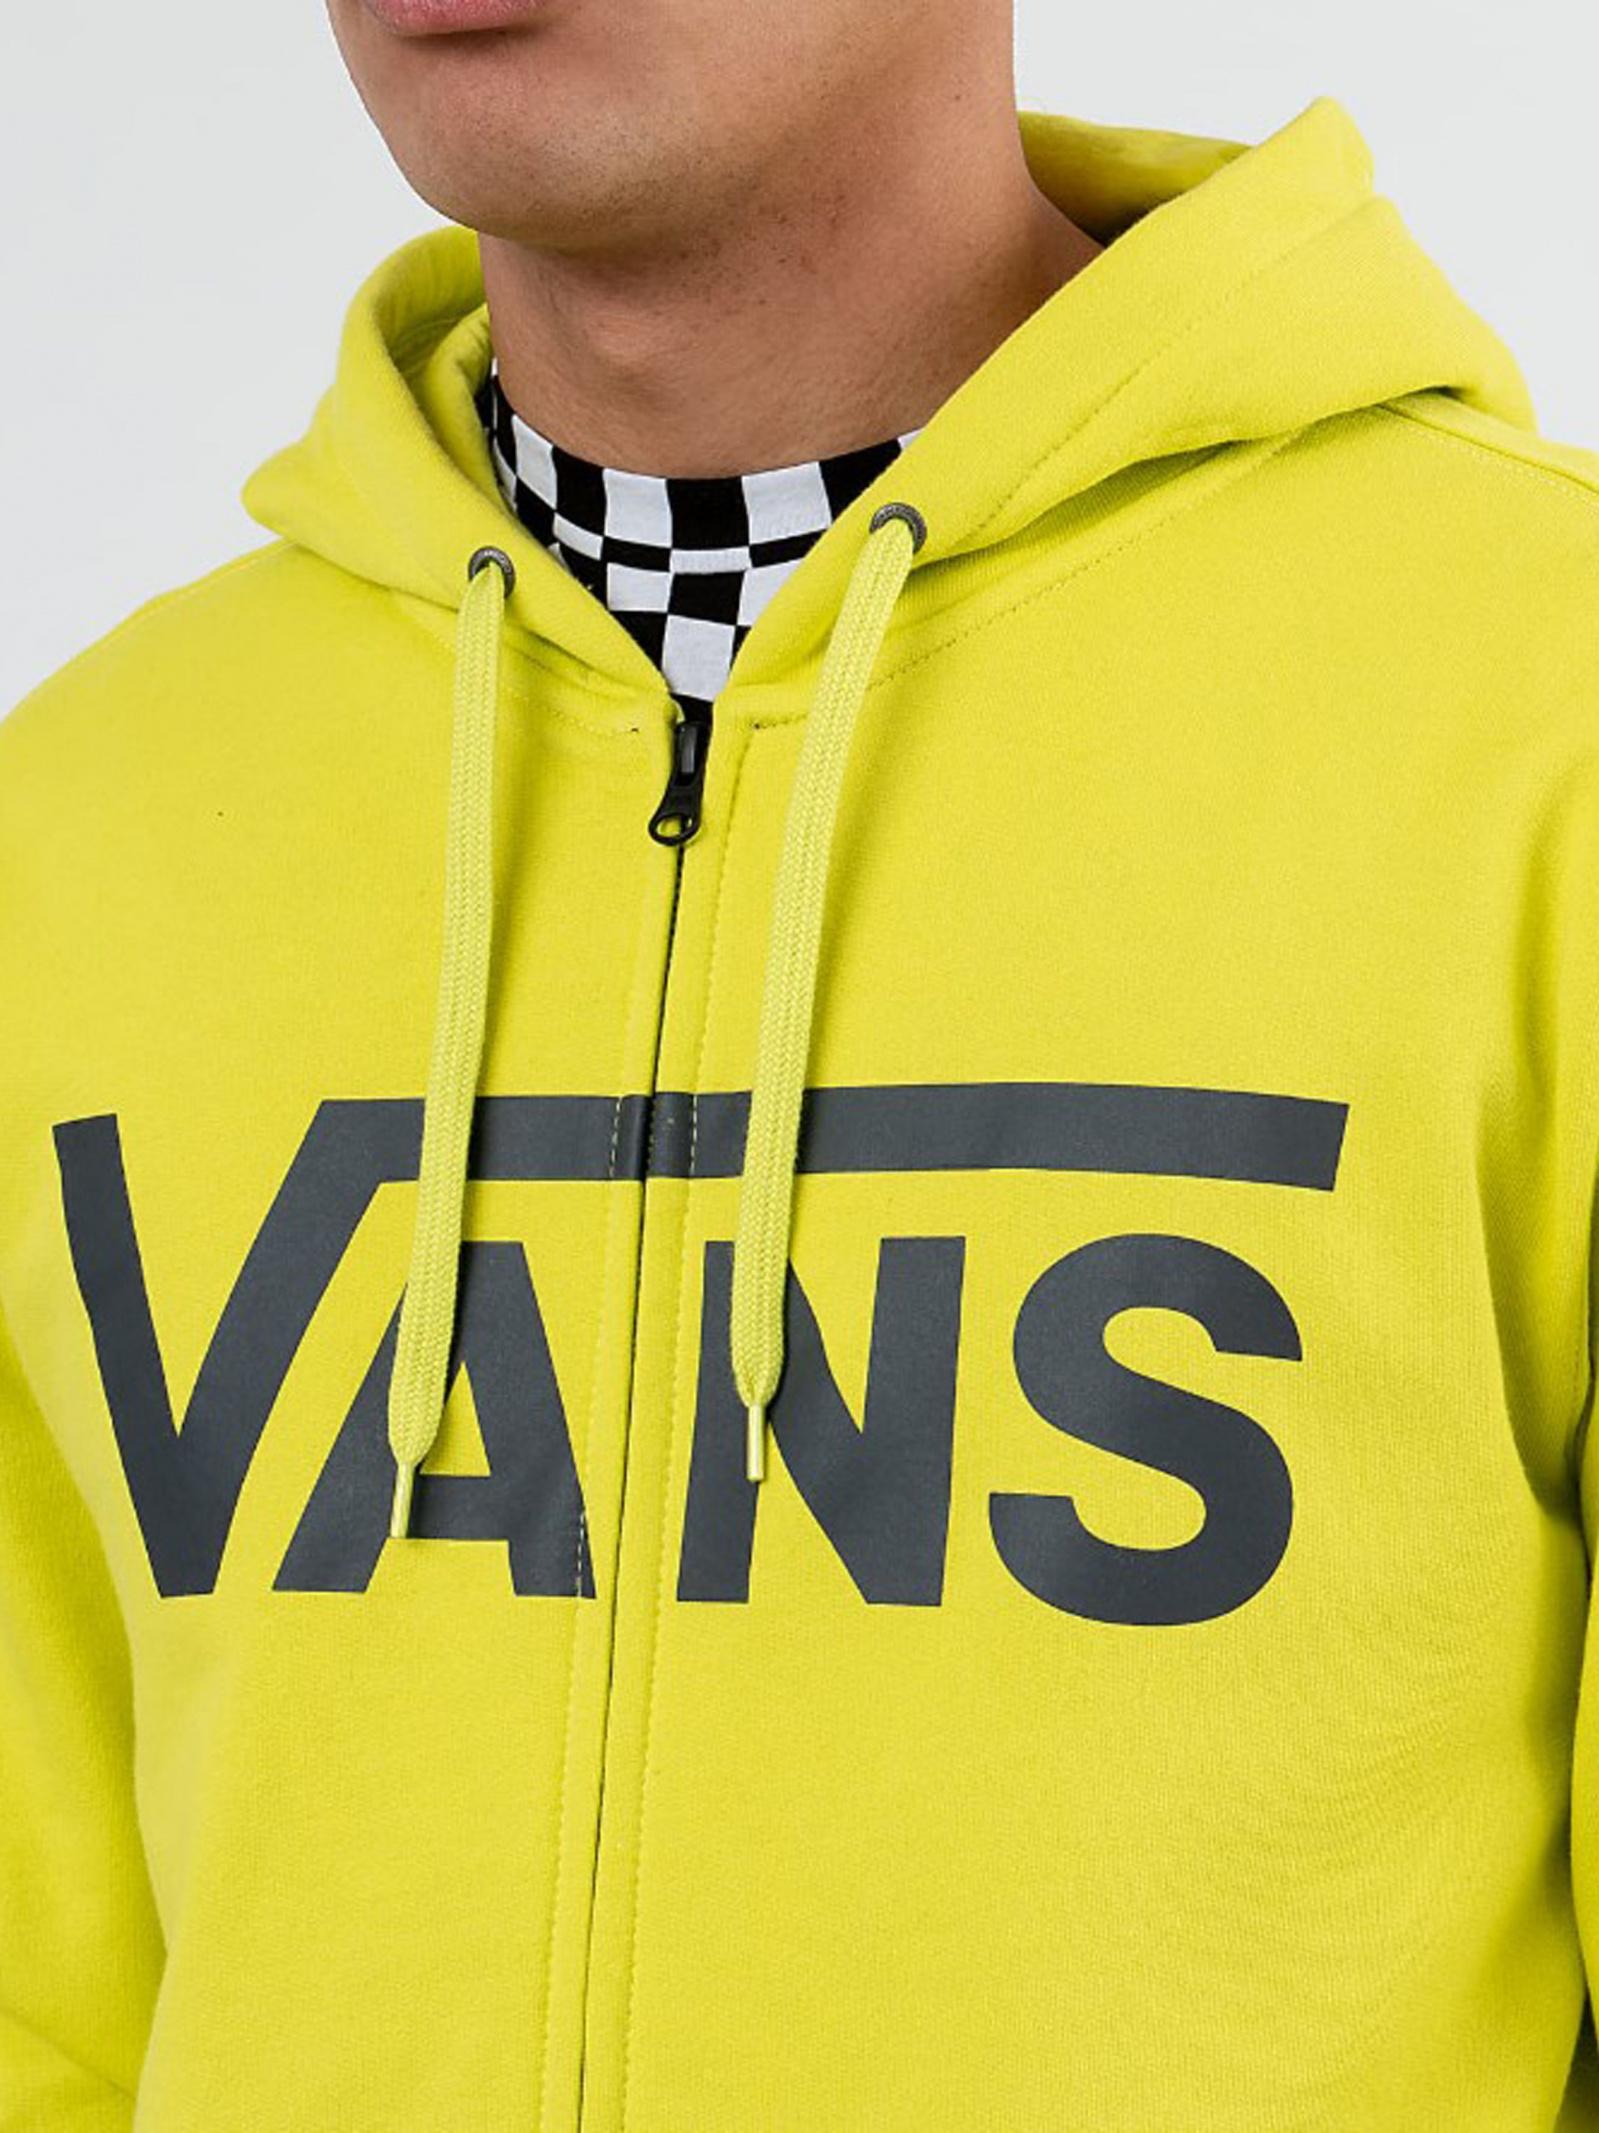 Кофты и свитера мужские Vans модель V296 отзывы, 2017